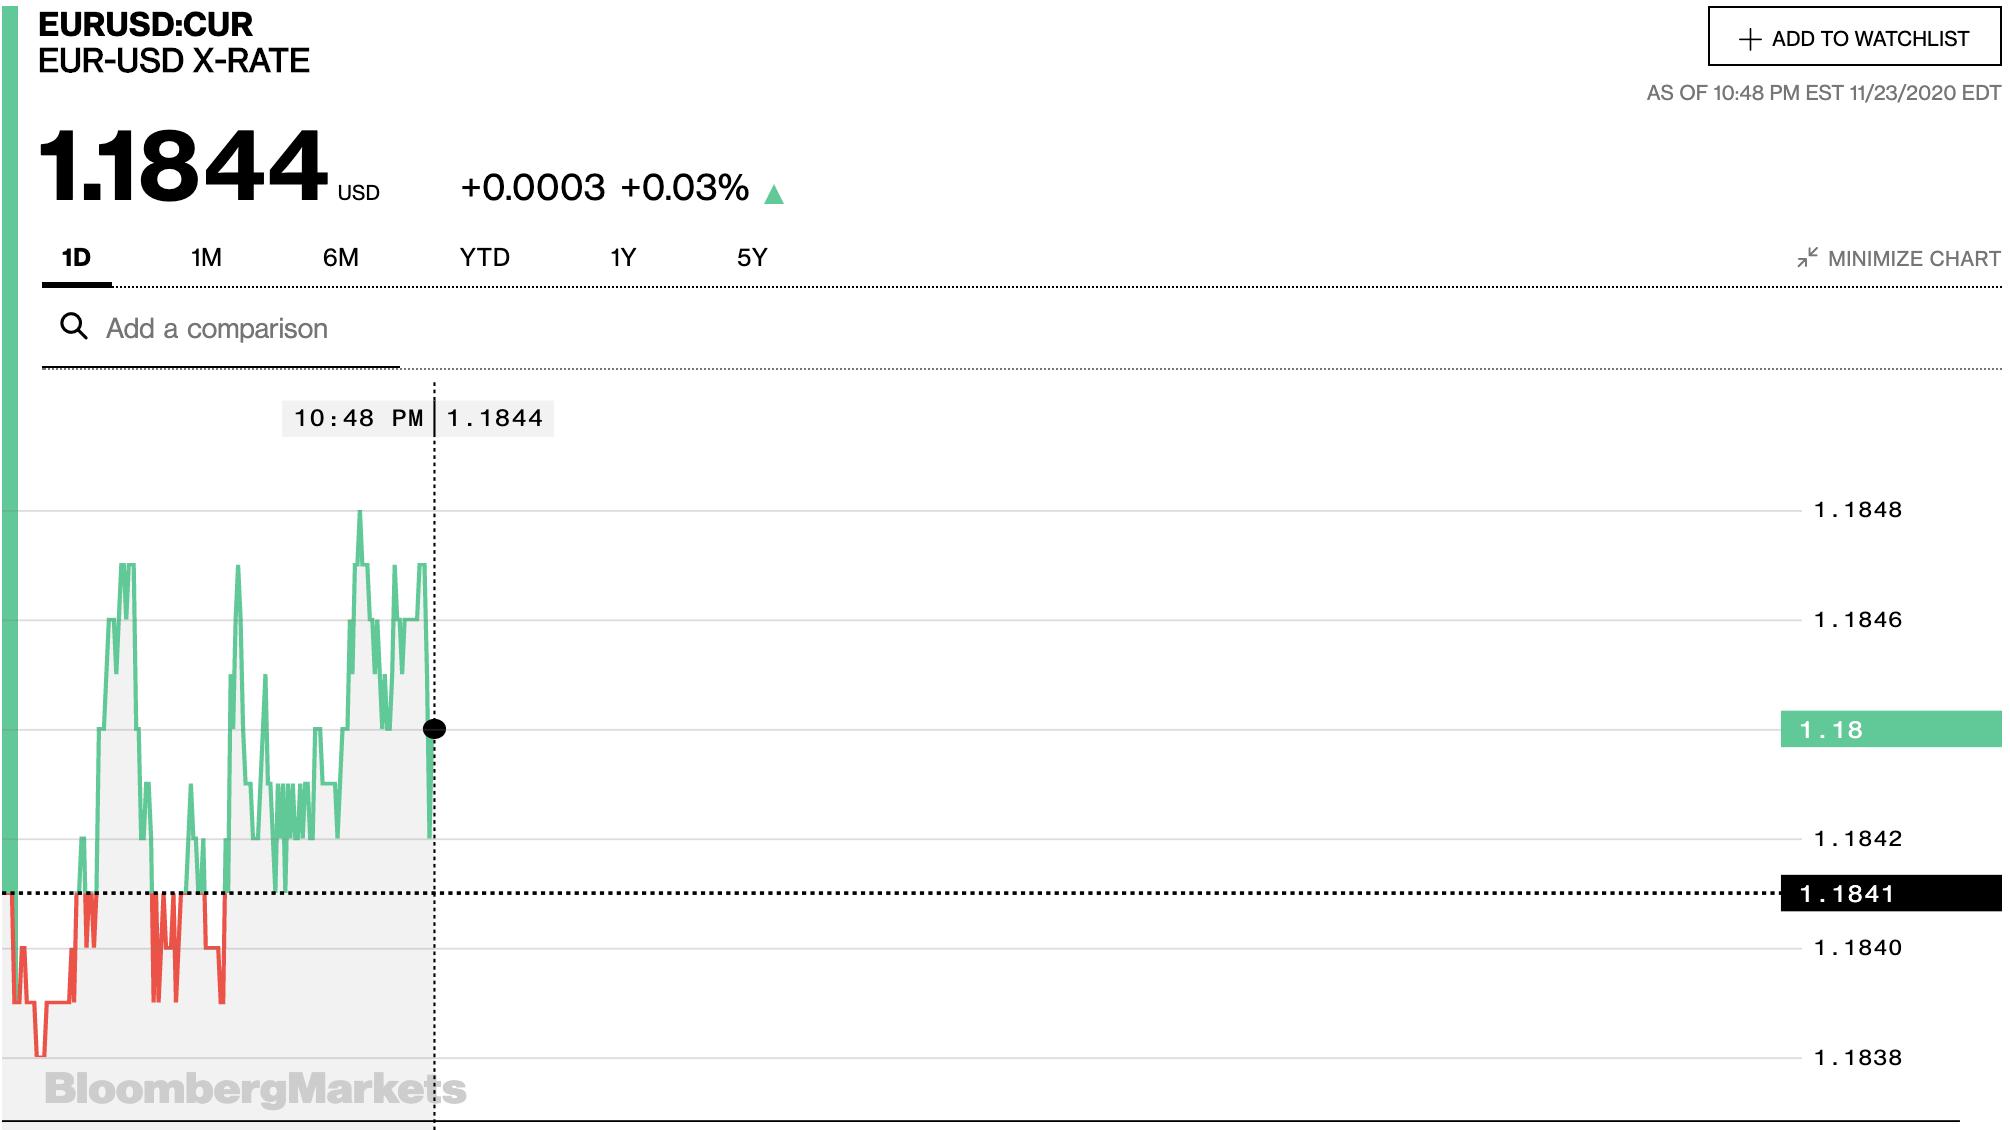 Tỷ giá euro hôm nay 23/11: Giảm đồng loạt tại các ngân hàng - Ảnh 2.